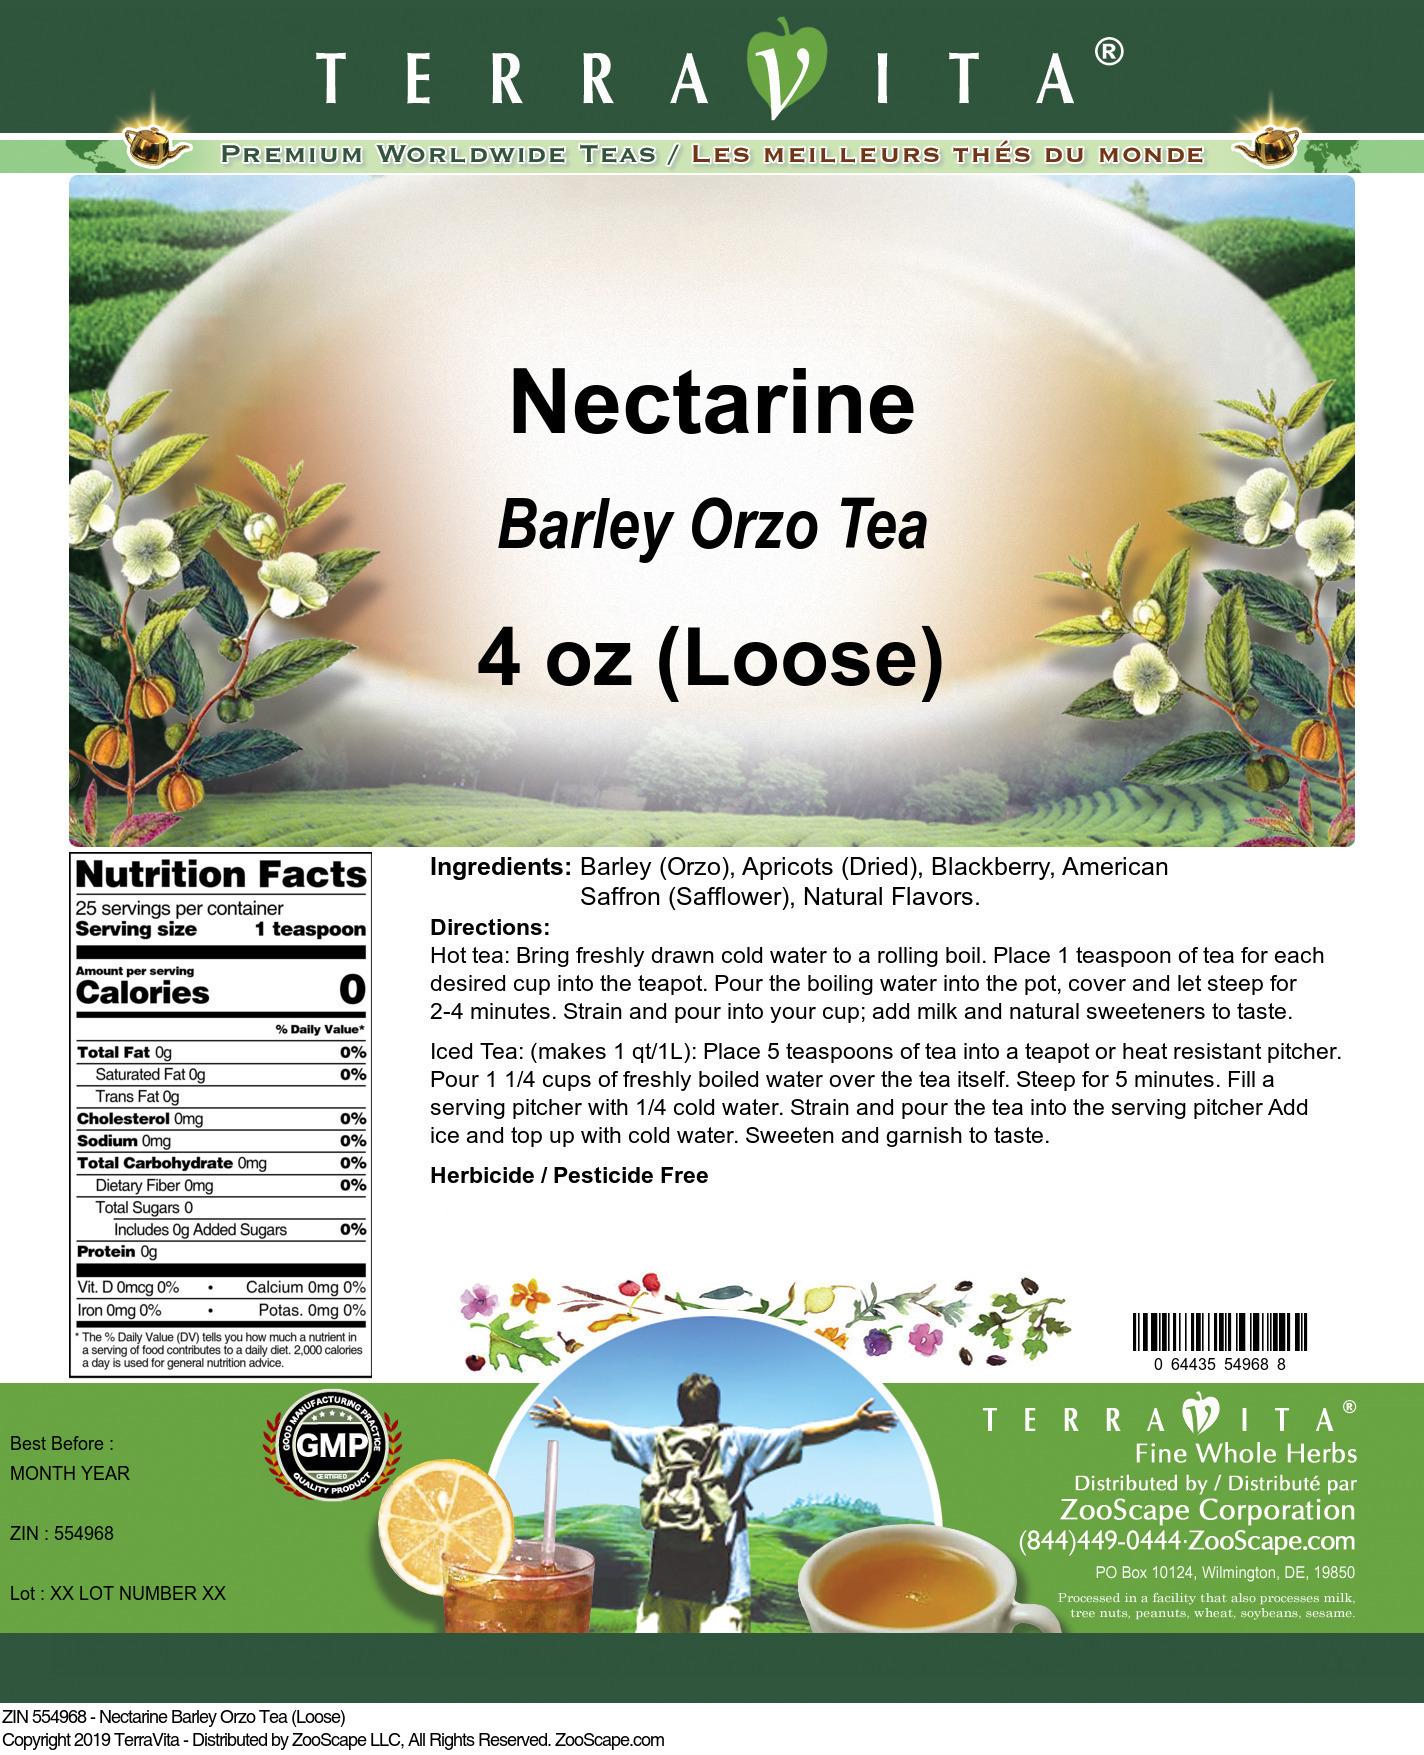 Nectarine Barley Orzo